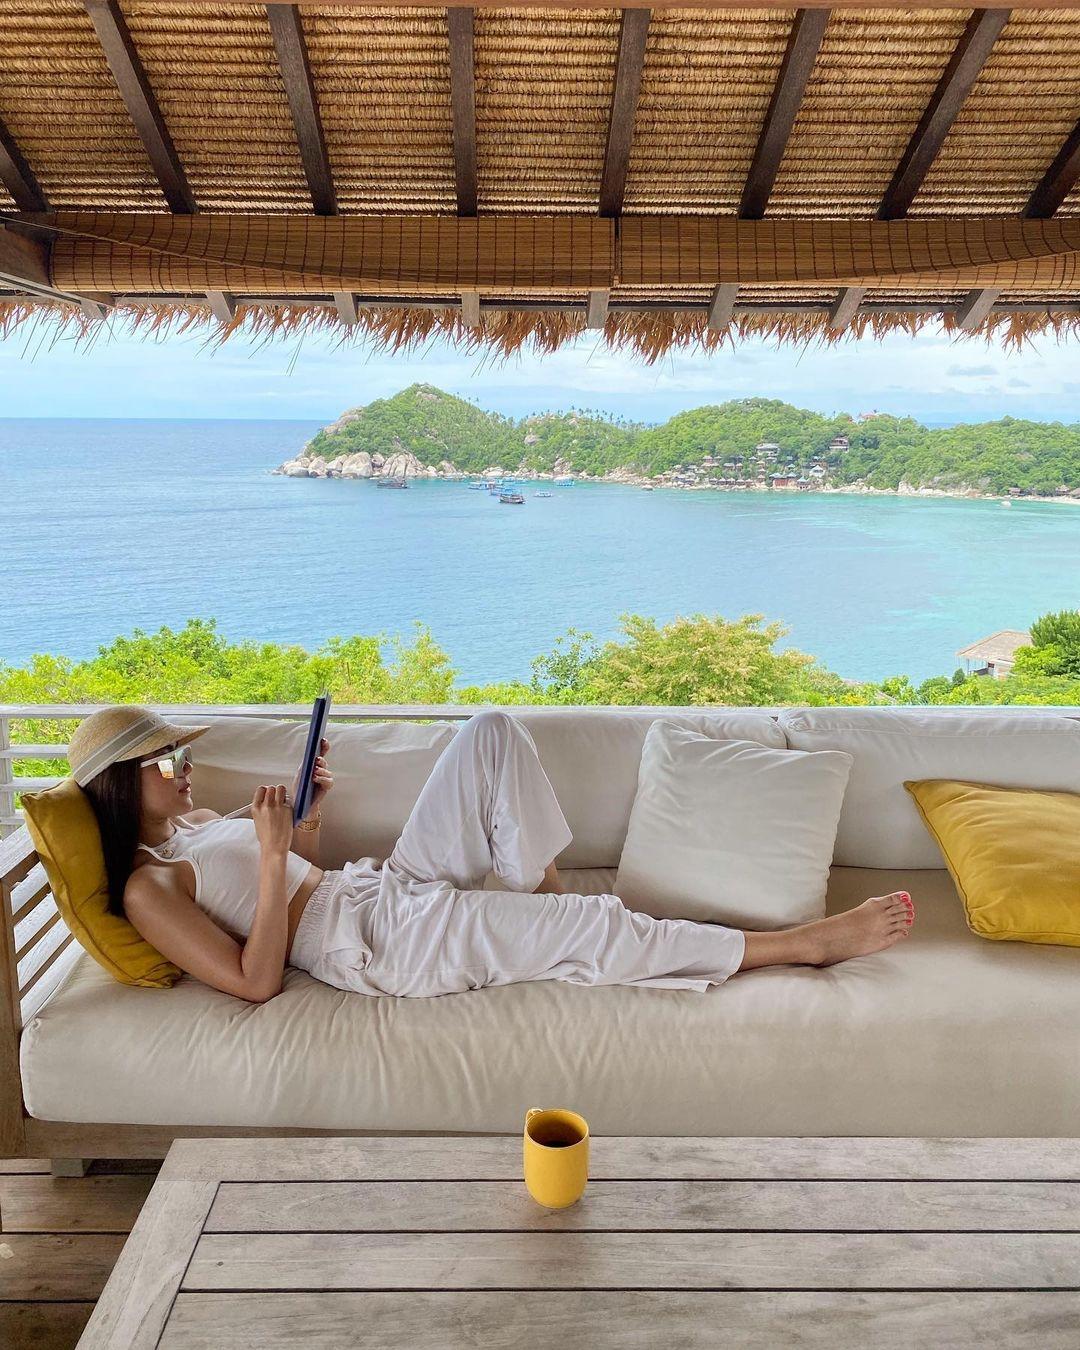 Kimberley thảnh thơi nằm trên salon ngoài ban công phòng ngủ đọc kịch bản. Phong cách thiết kế của resort pha trộn giữa nét hiện đại và truyền thống Thái Lan, tạo cảm giác thoải mái. Các chòi nghỉ lợp mái tranh mộc mạc trong khi các biệt thự